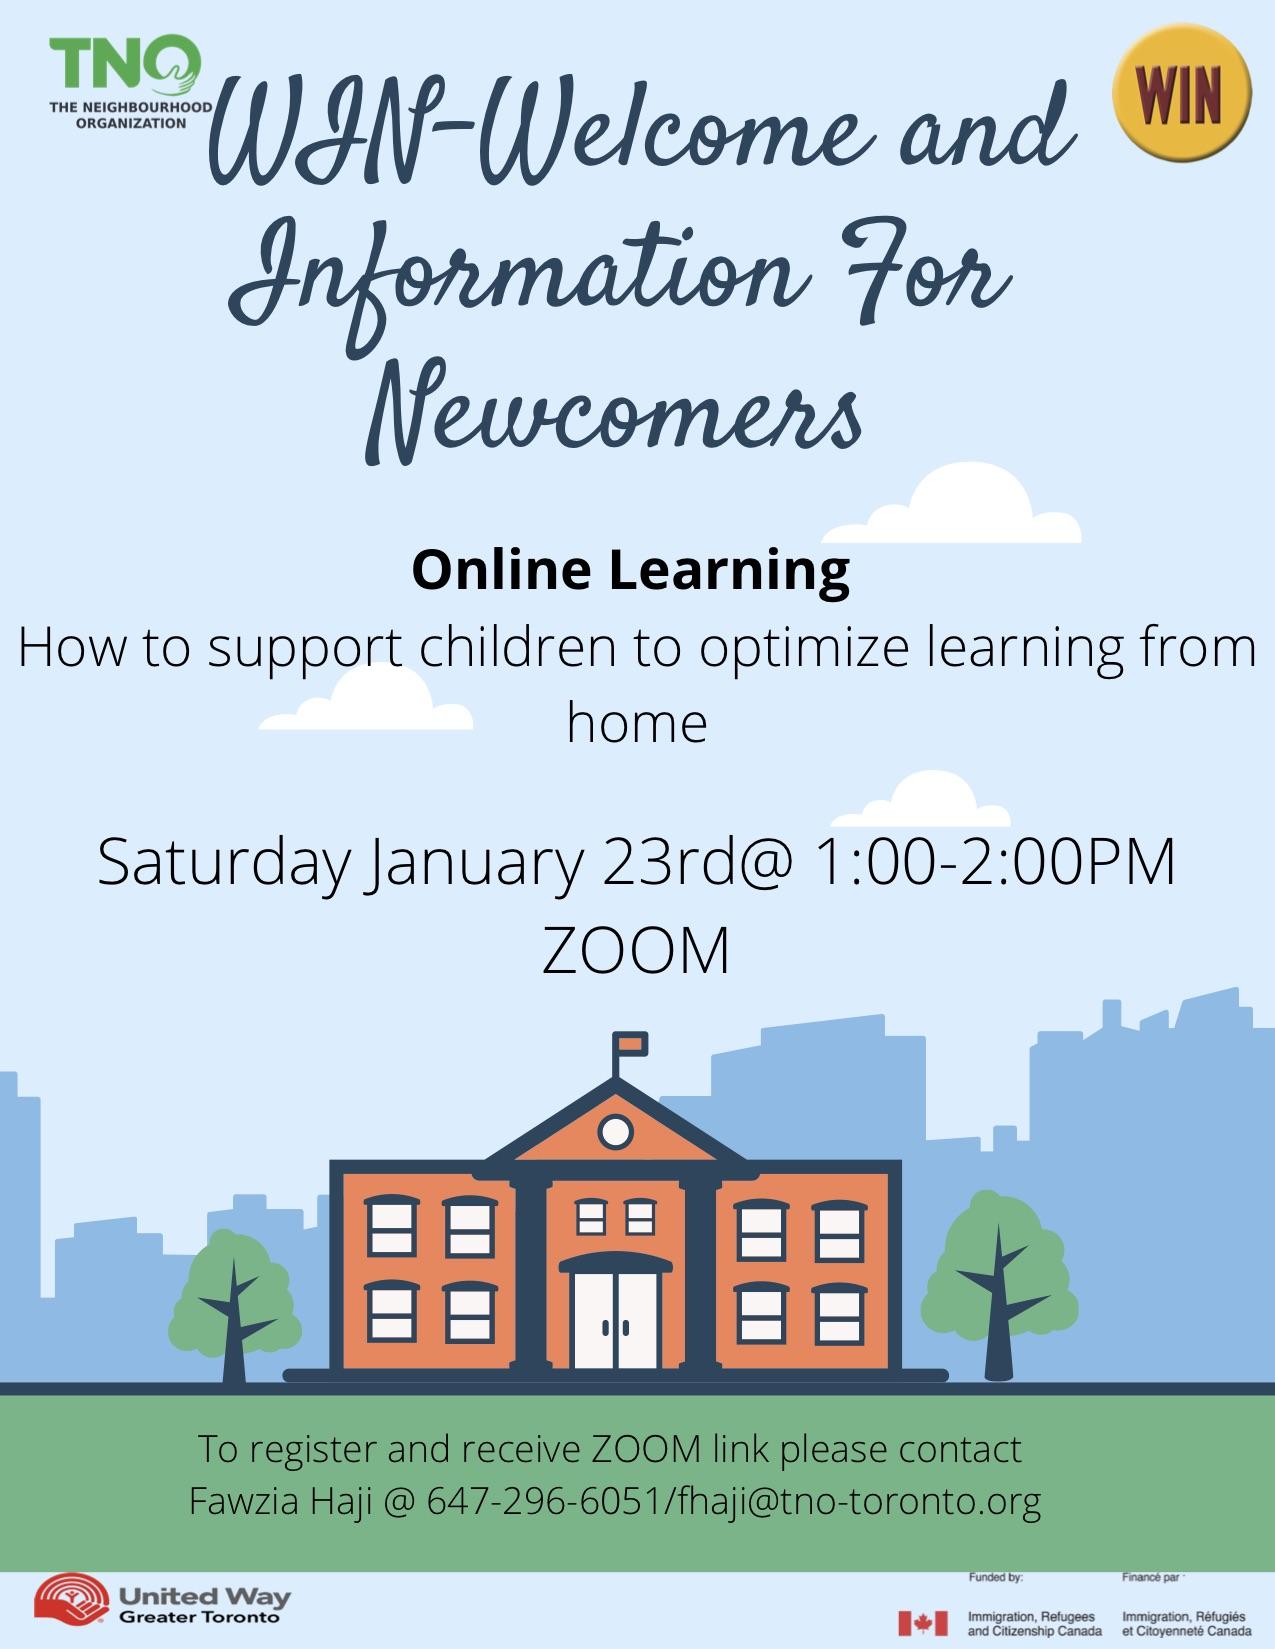 WIN - online learning